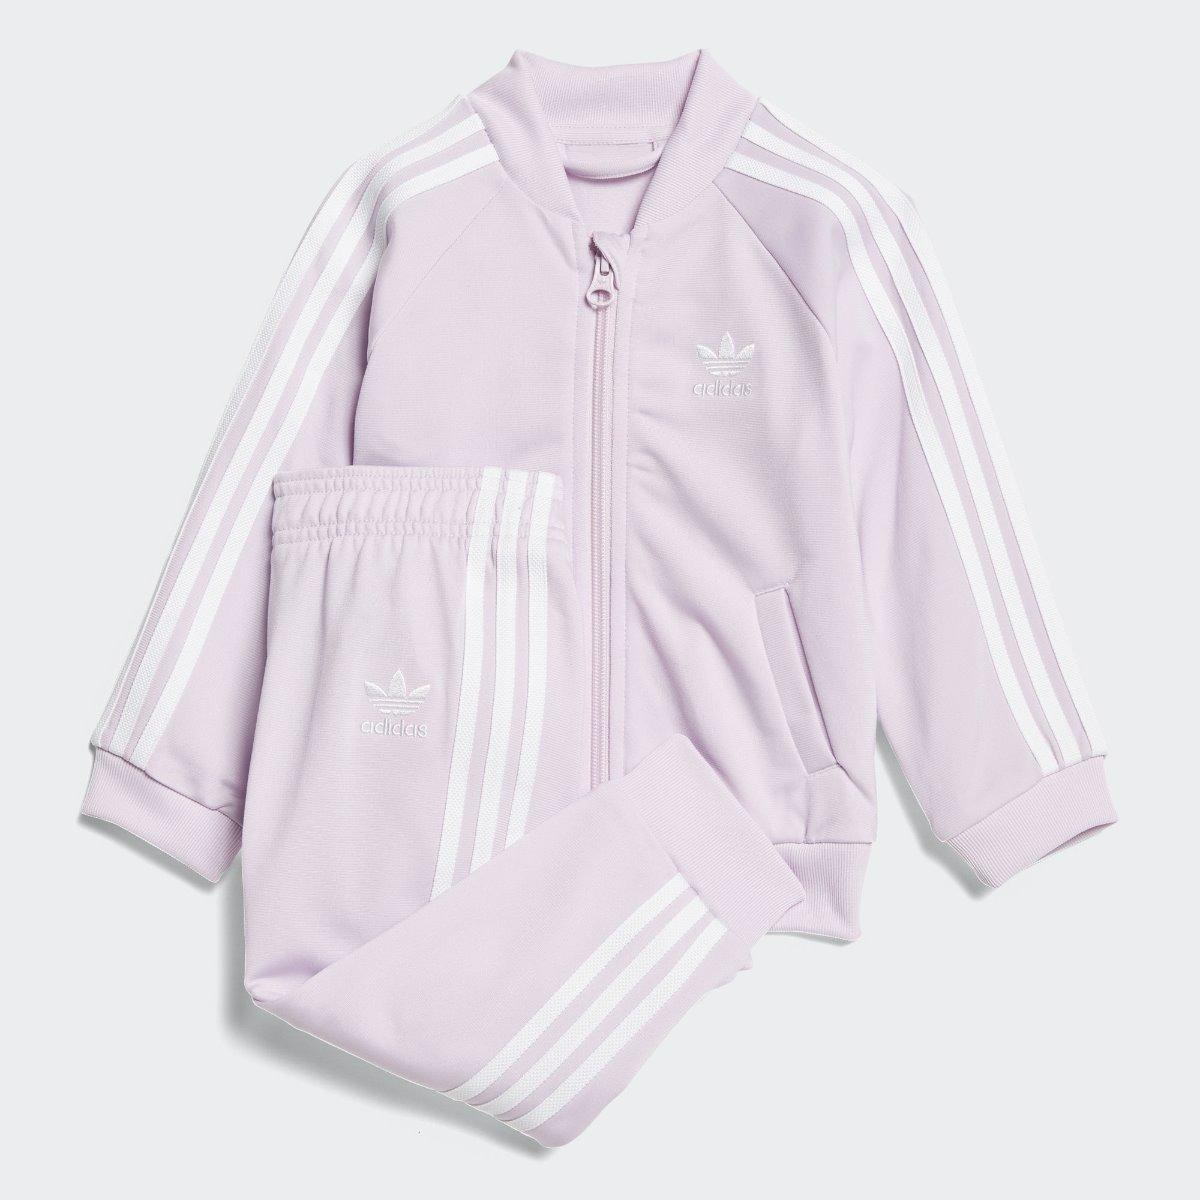 conjunto pants y sudadera bebe niña adidas originals ce1151. Cargando zoom. 7386c70d144e